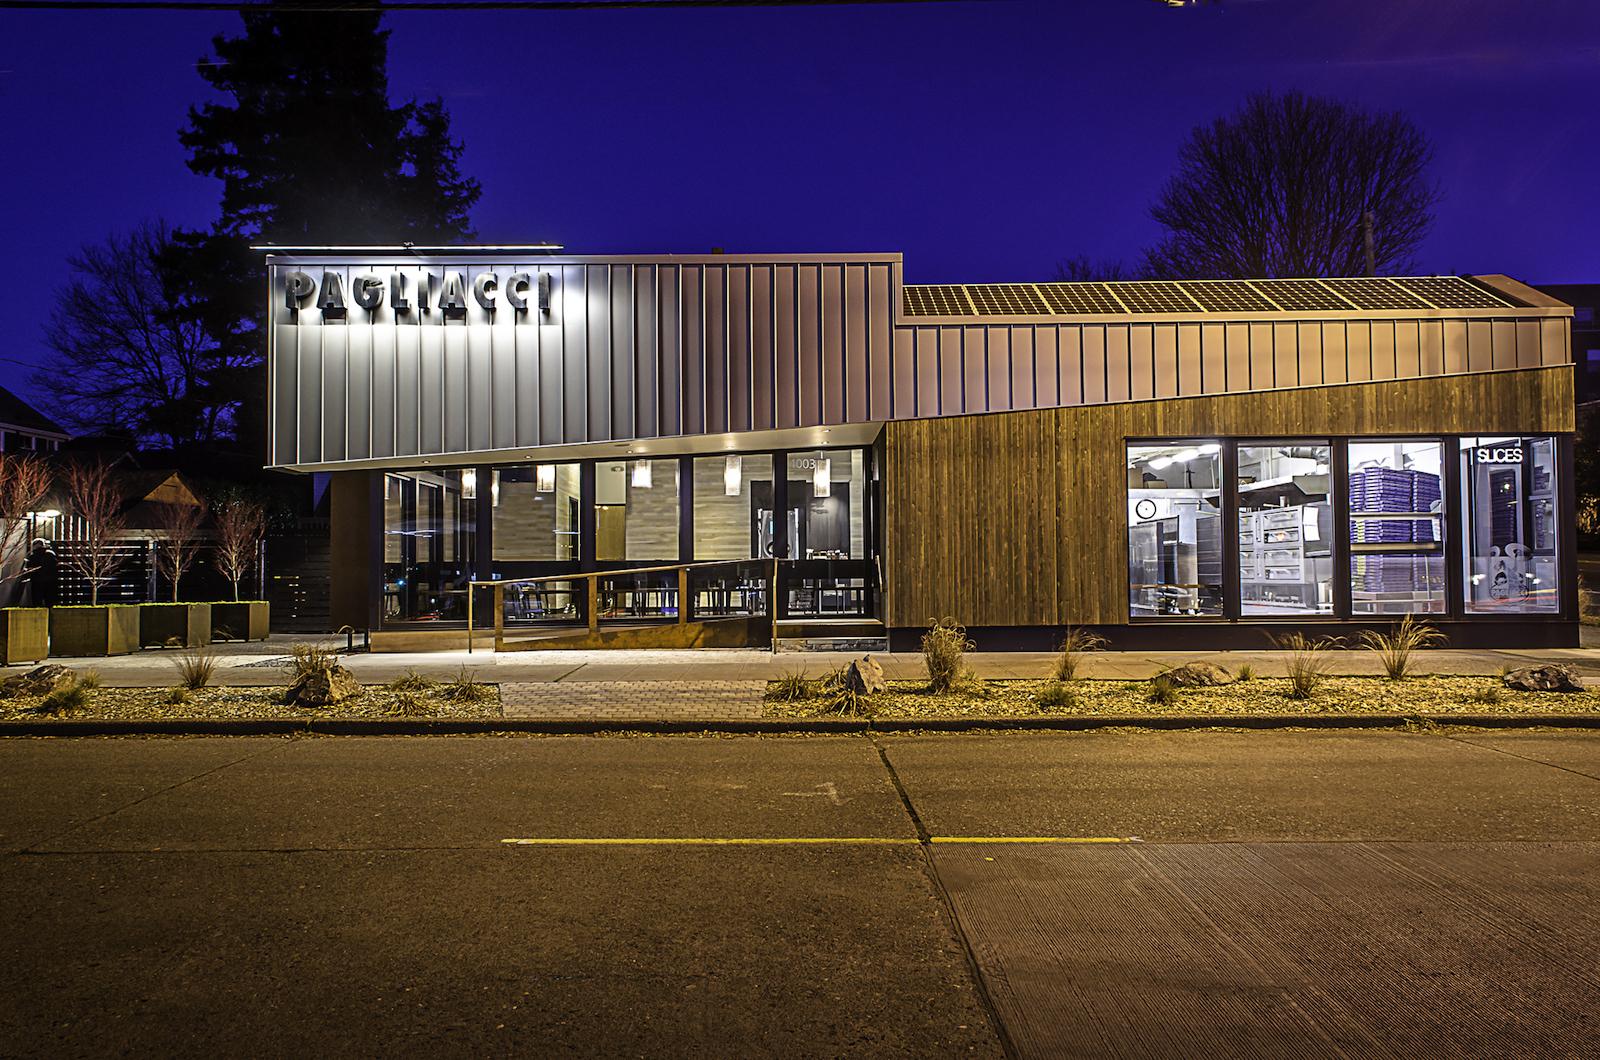 Pagliacci Pizza, Bellevue